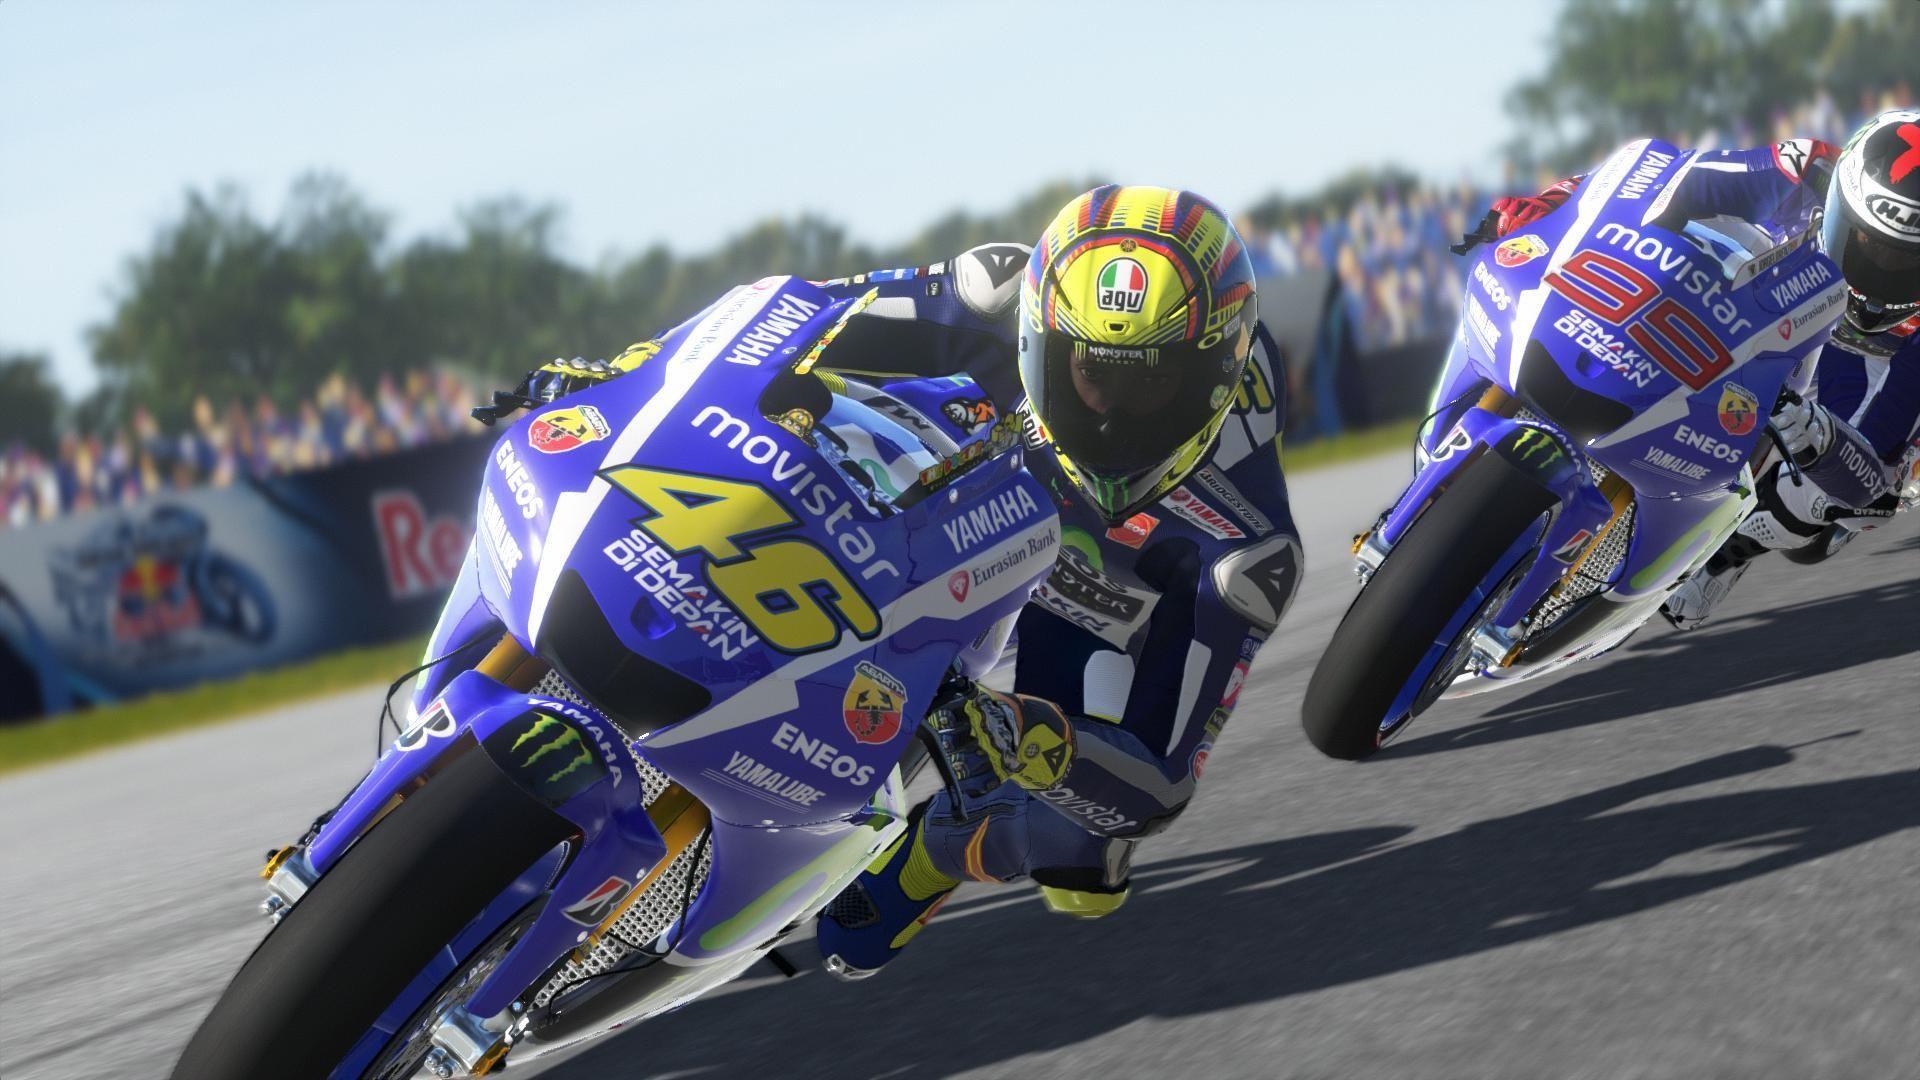 MotoGP 15 (PC) - 8